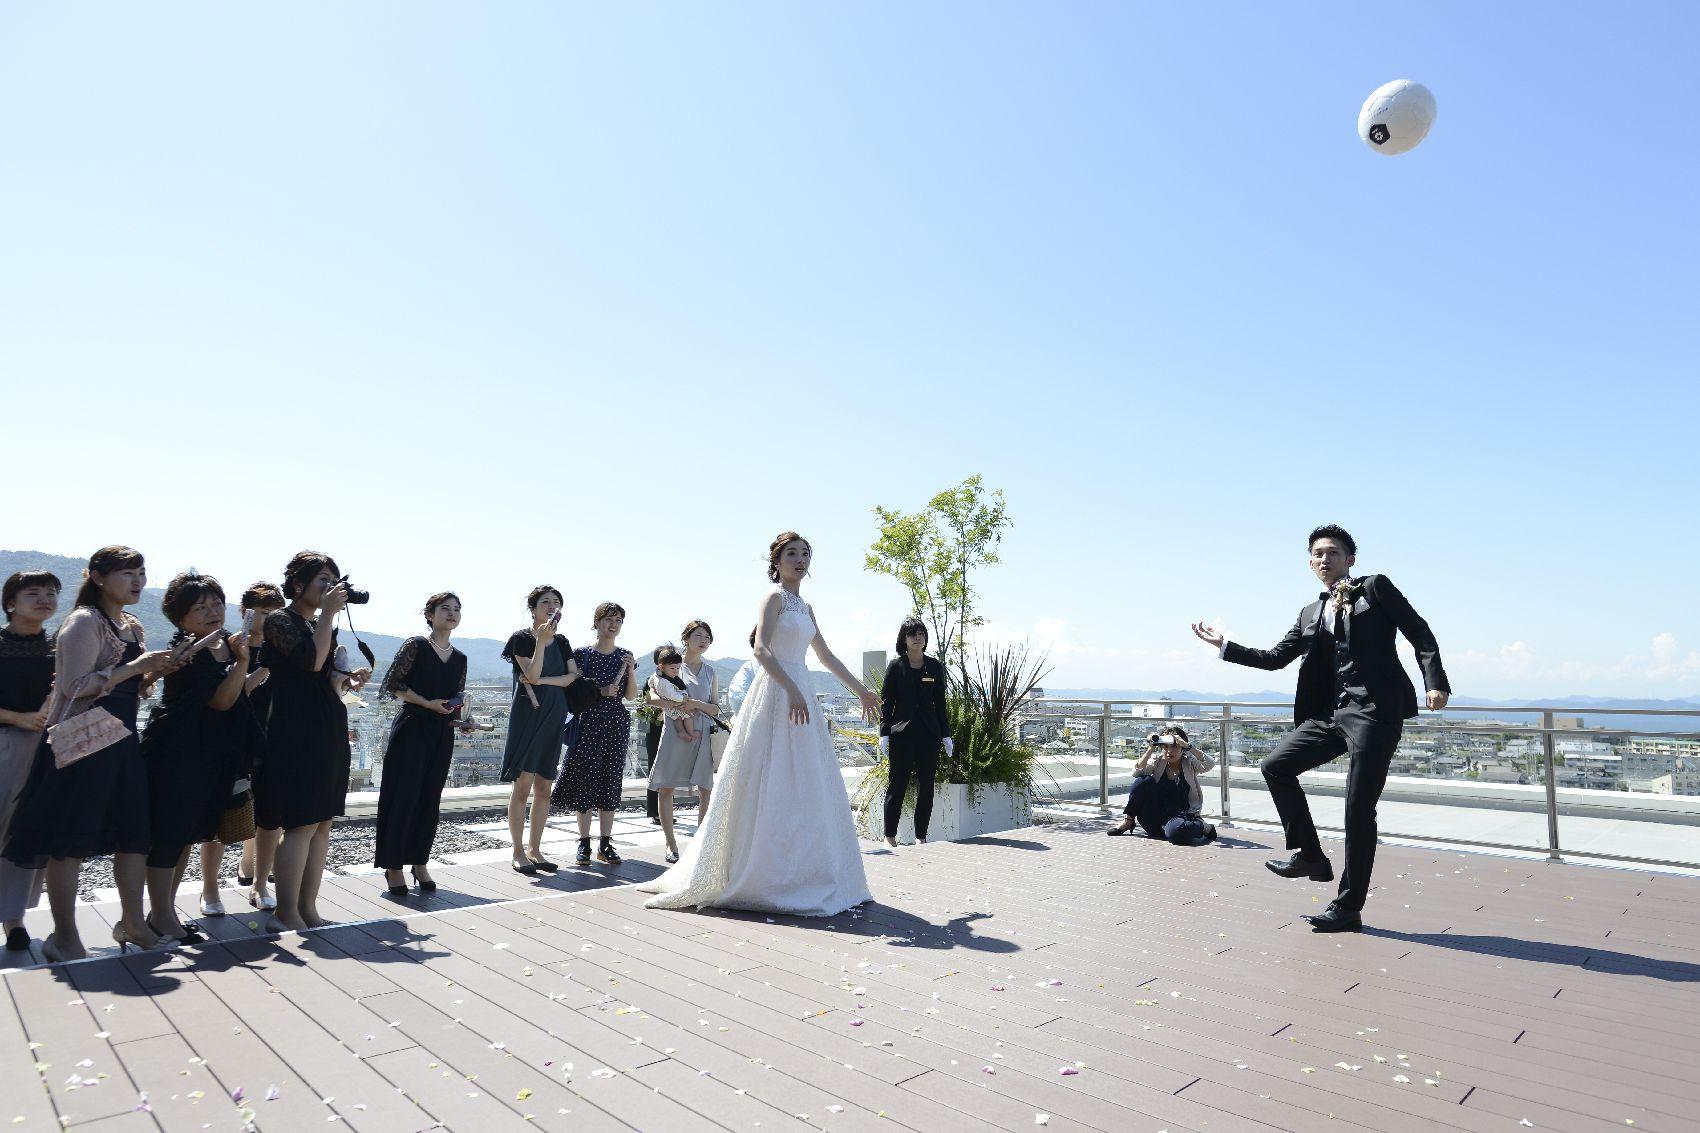 香川県高松市の結婚式場アナザースタイルのテラスでのサッカー演出